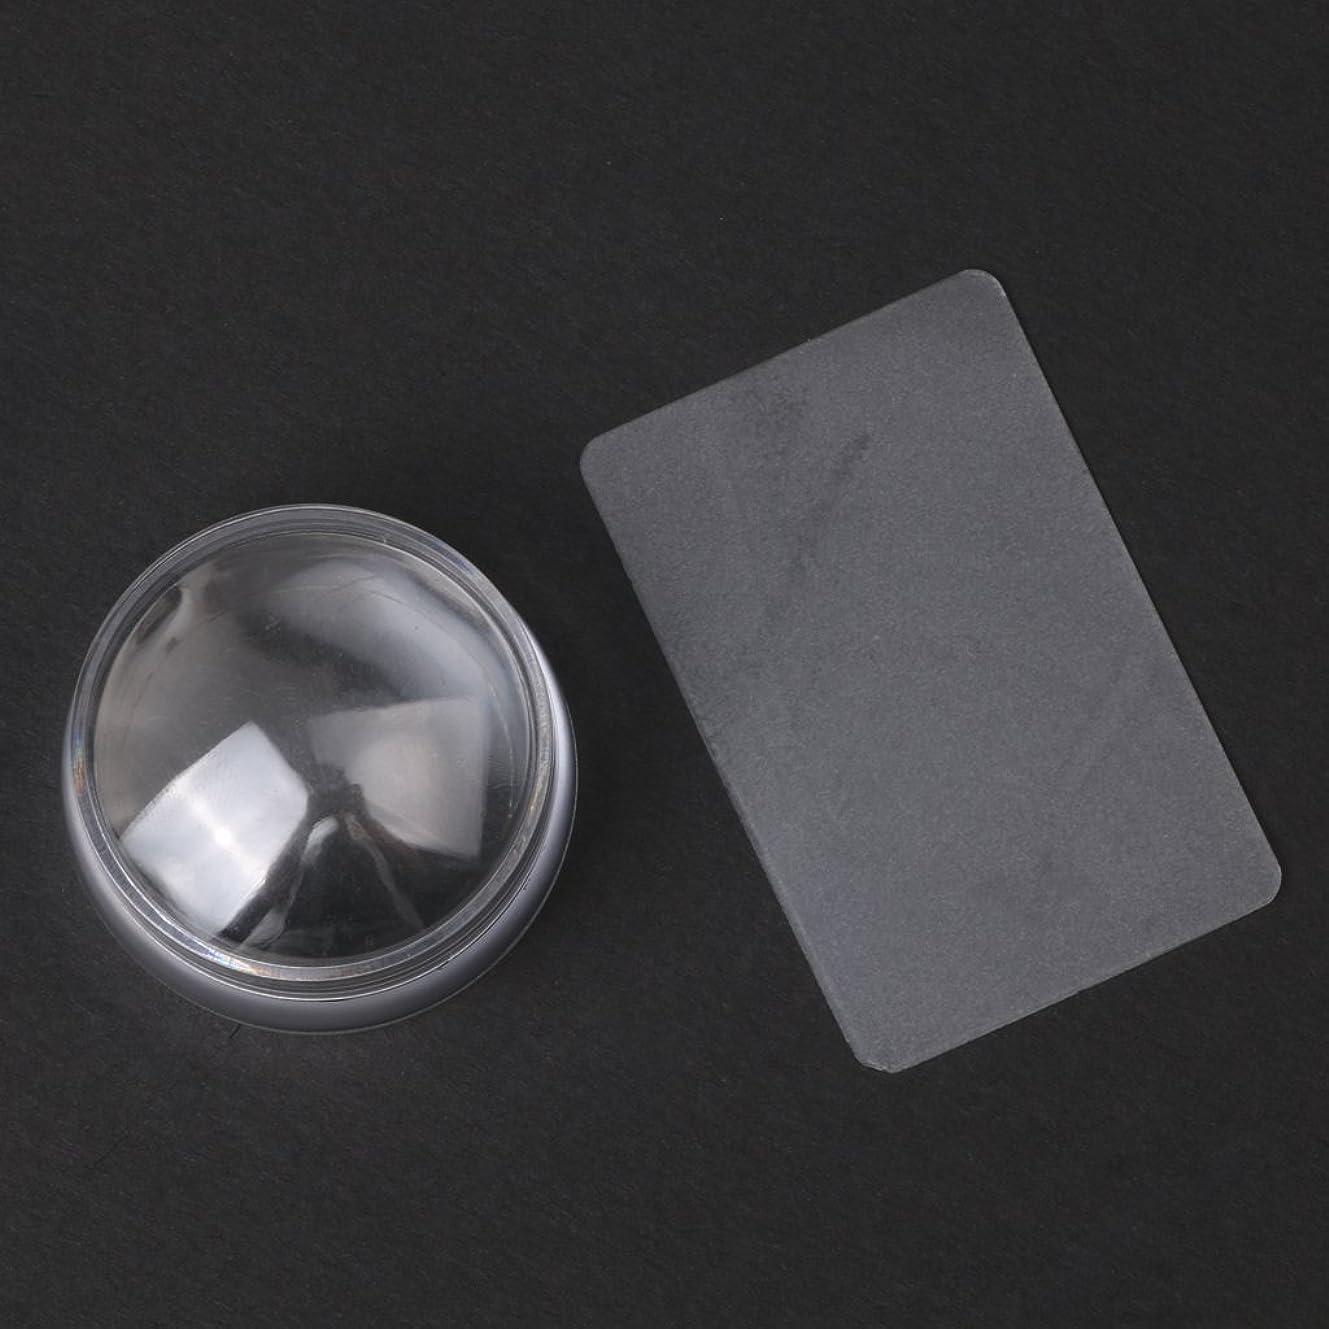 フロー責任者再発するCUTICATE 2个ネイルアートスタンプスタンパ掻きスクレーパーツールは透明に設定します